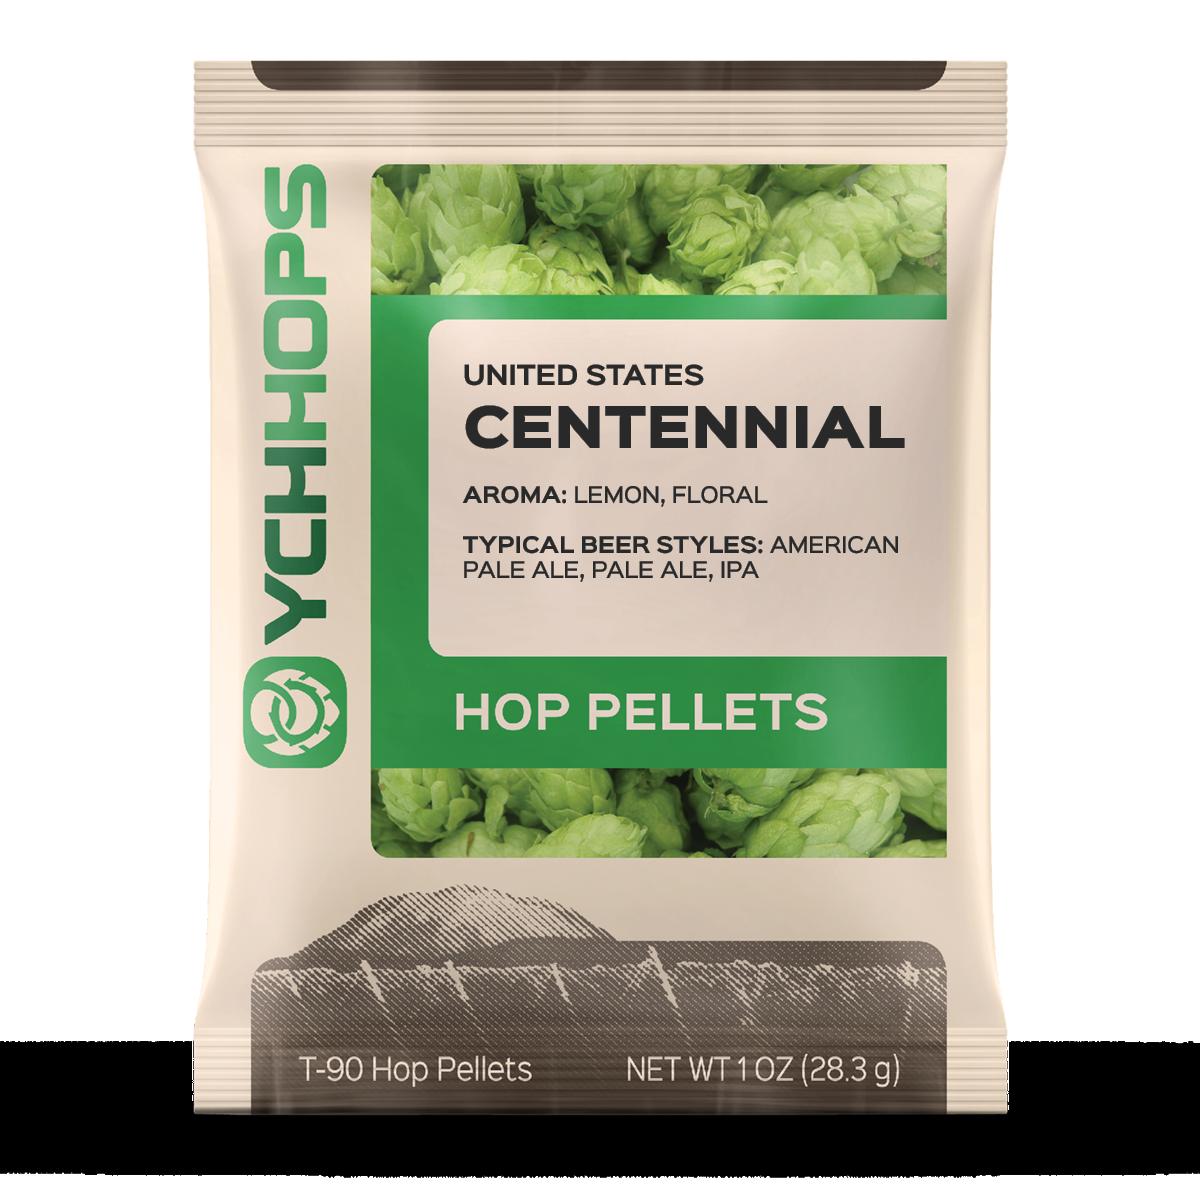 Centennial:1oz Pellets (1)